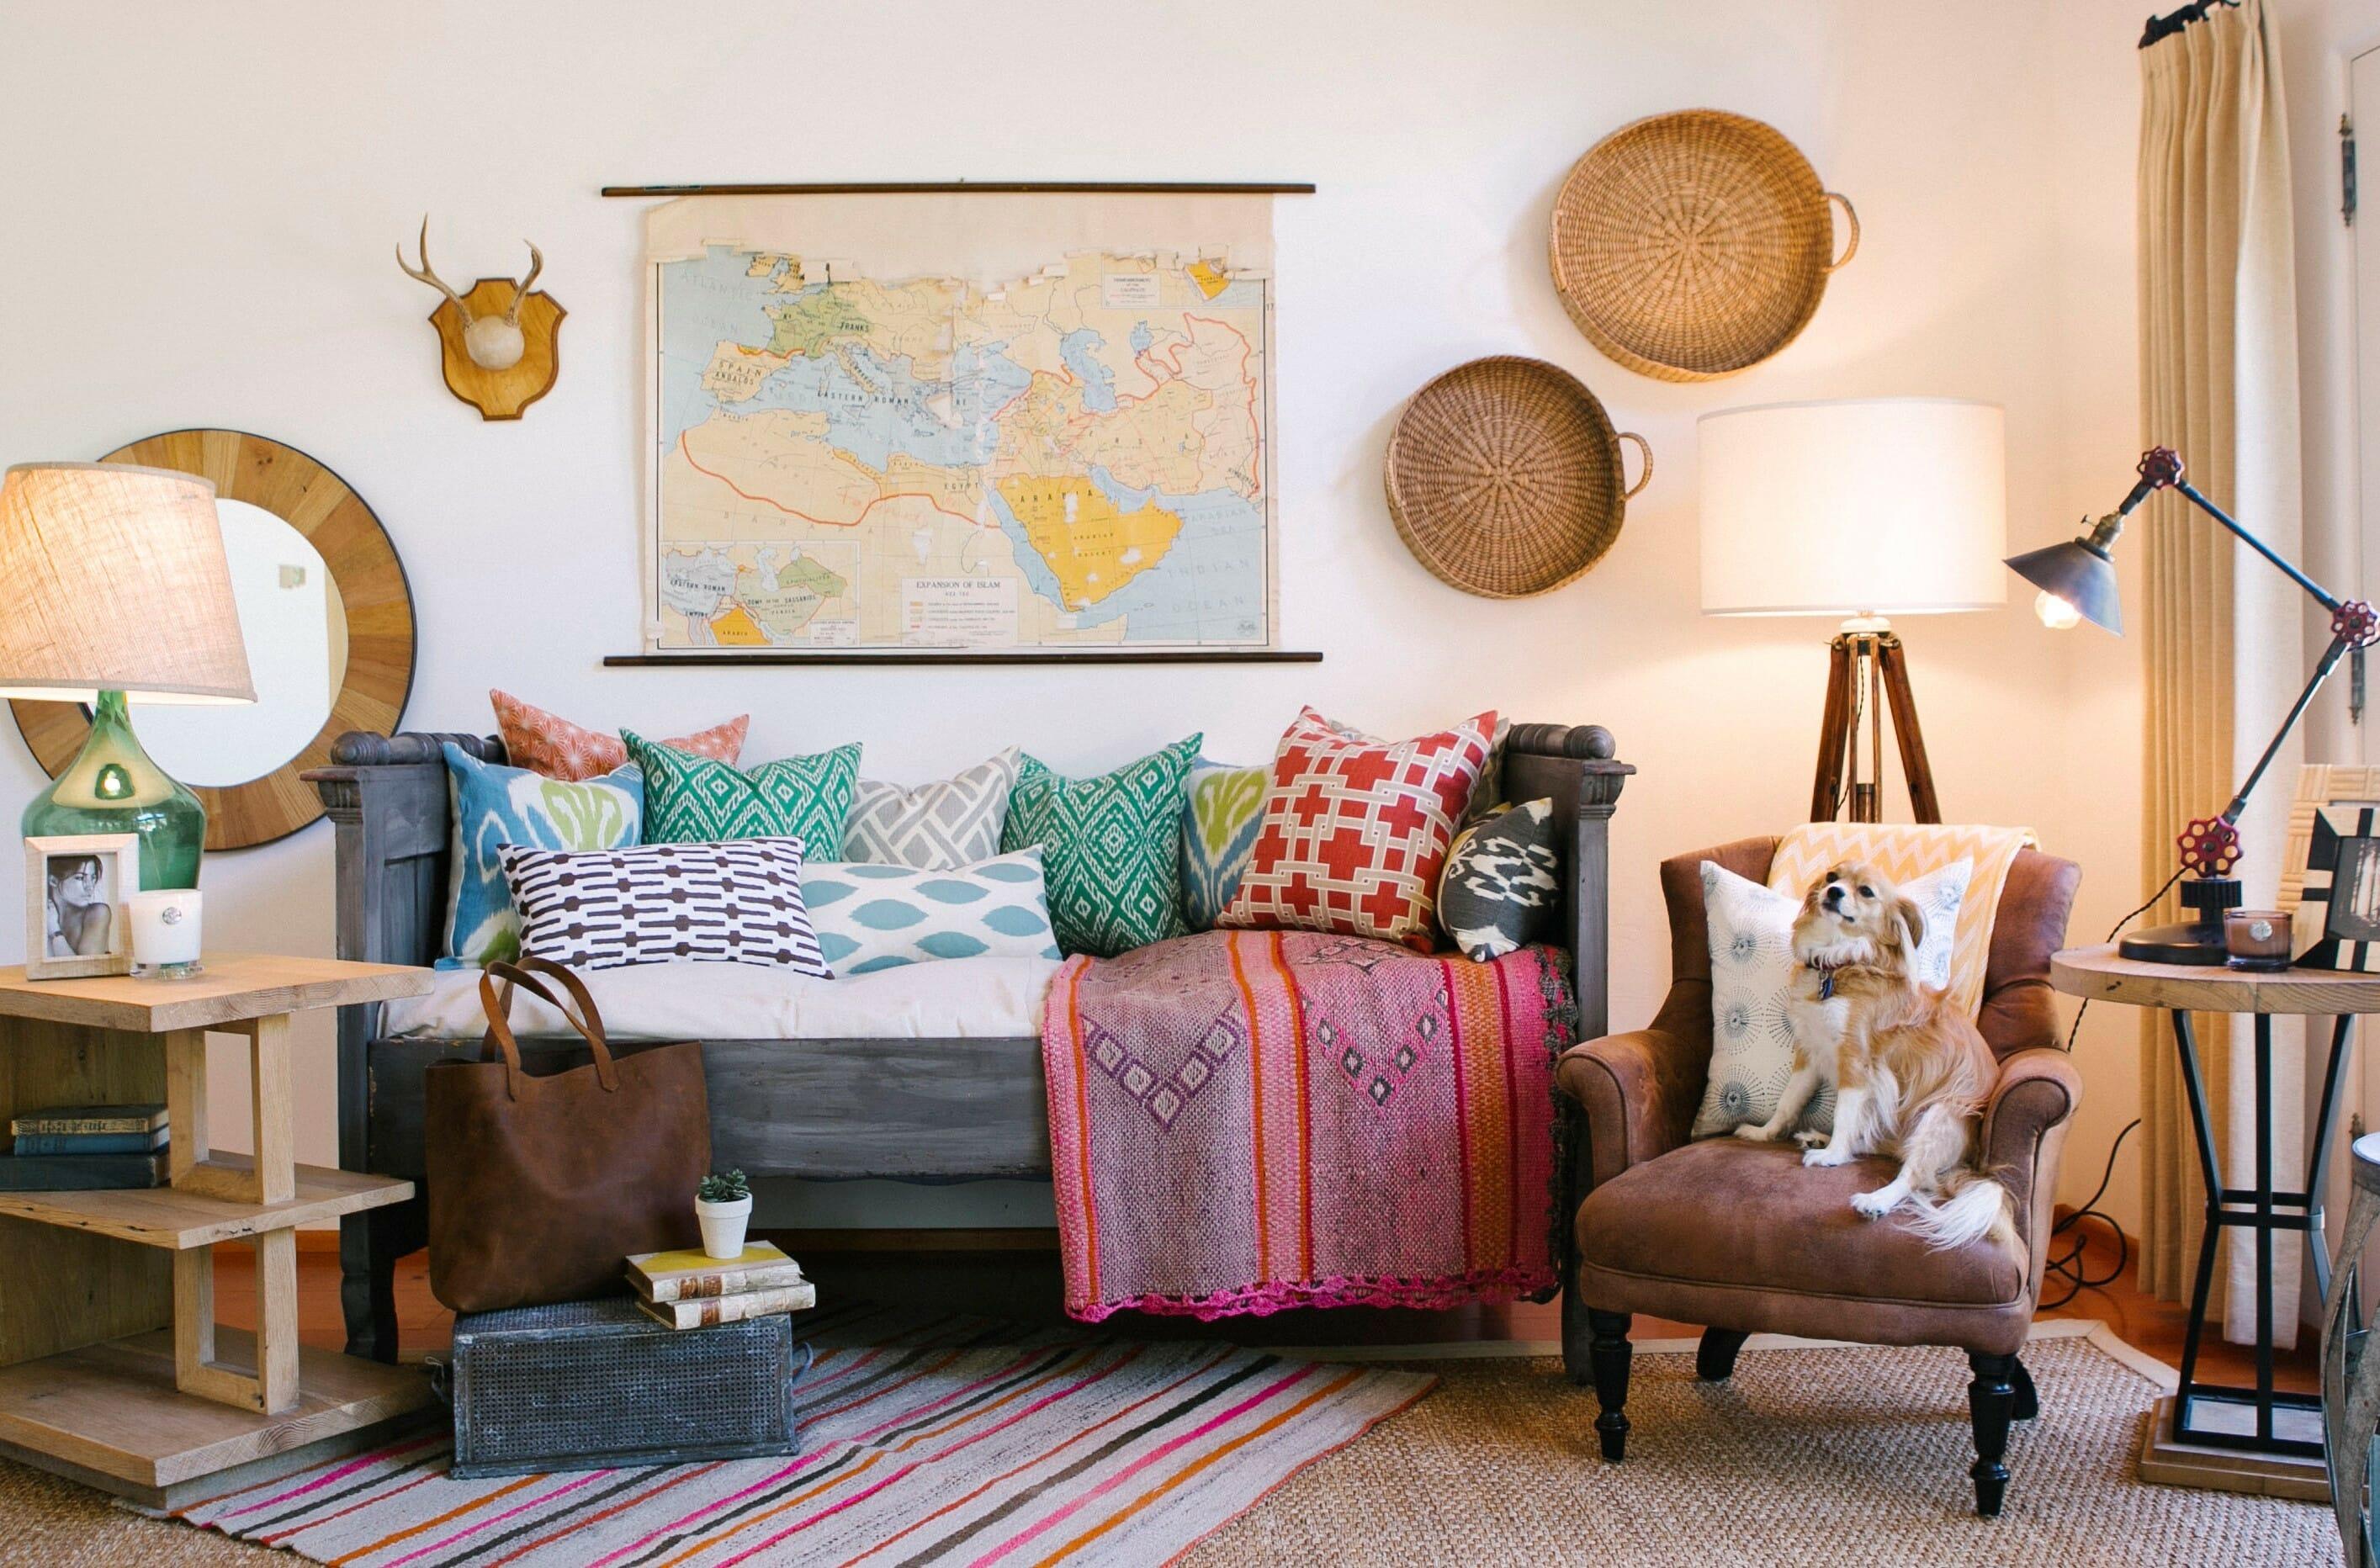 Top 7 Home Decor Gift Ideas This Season Decorilla